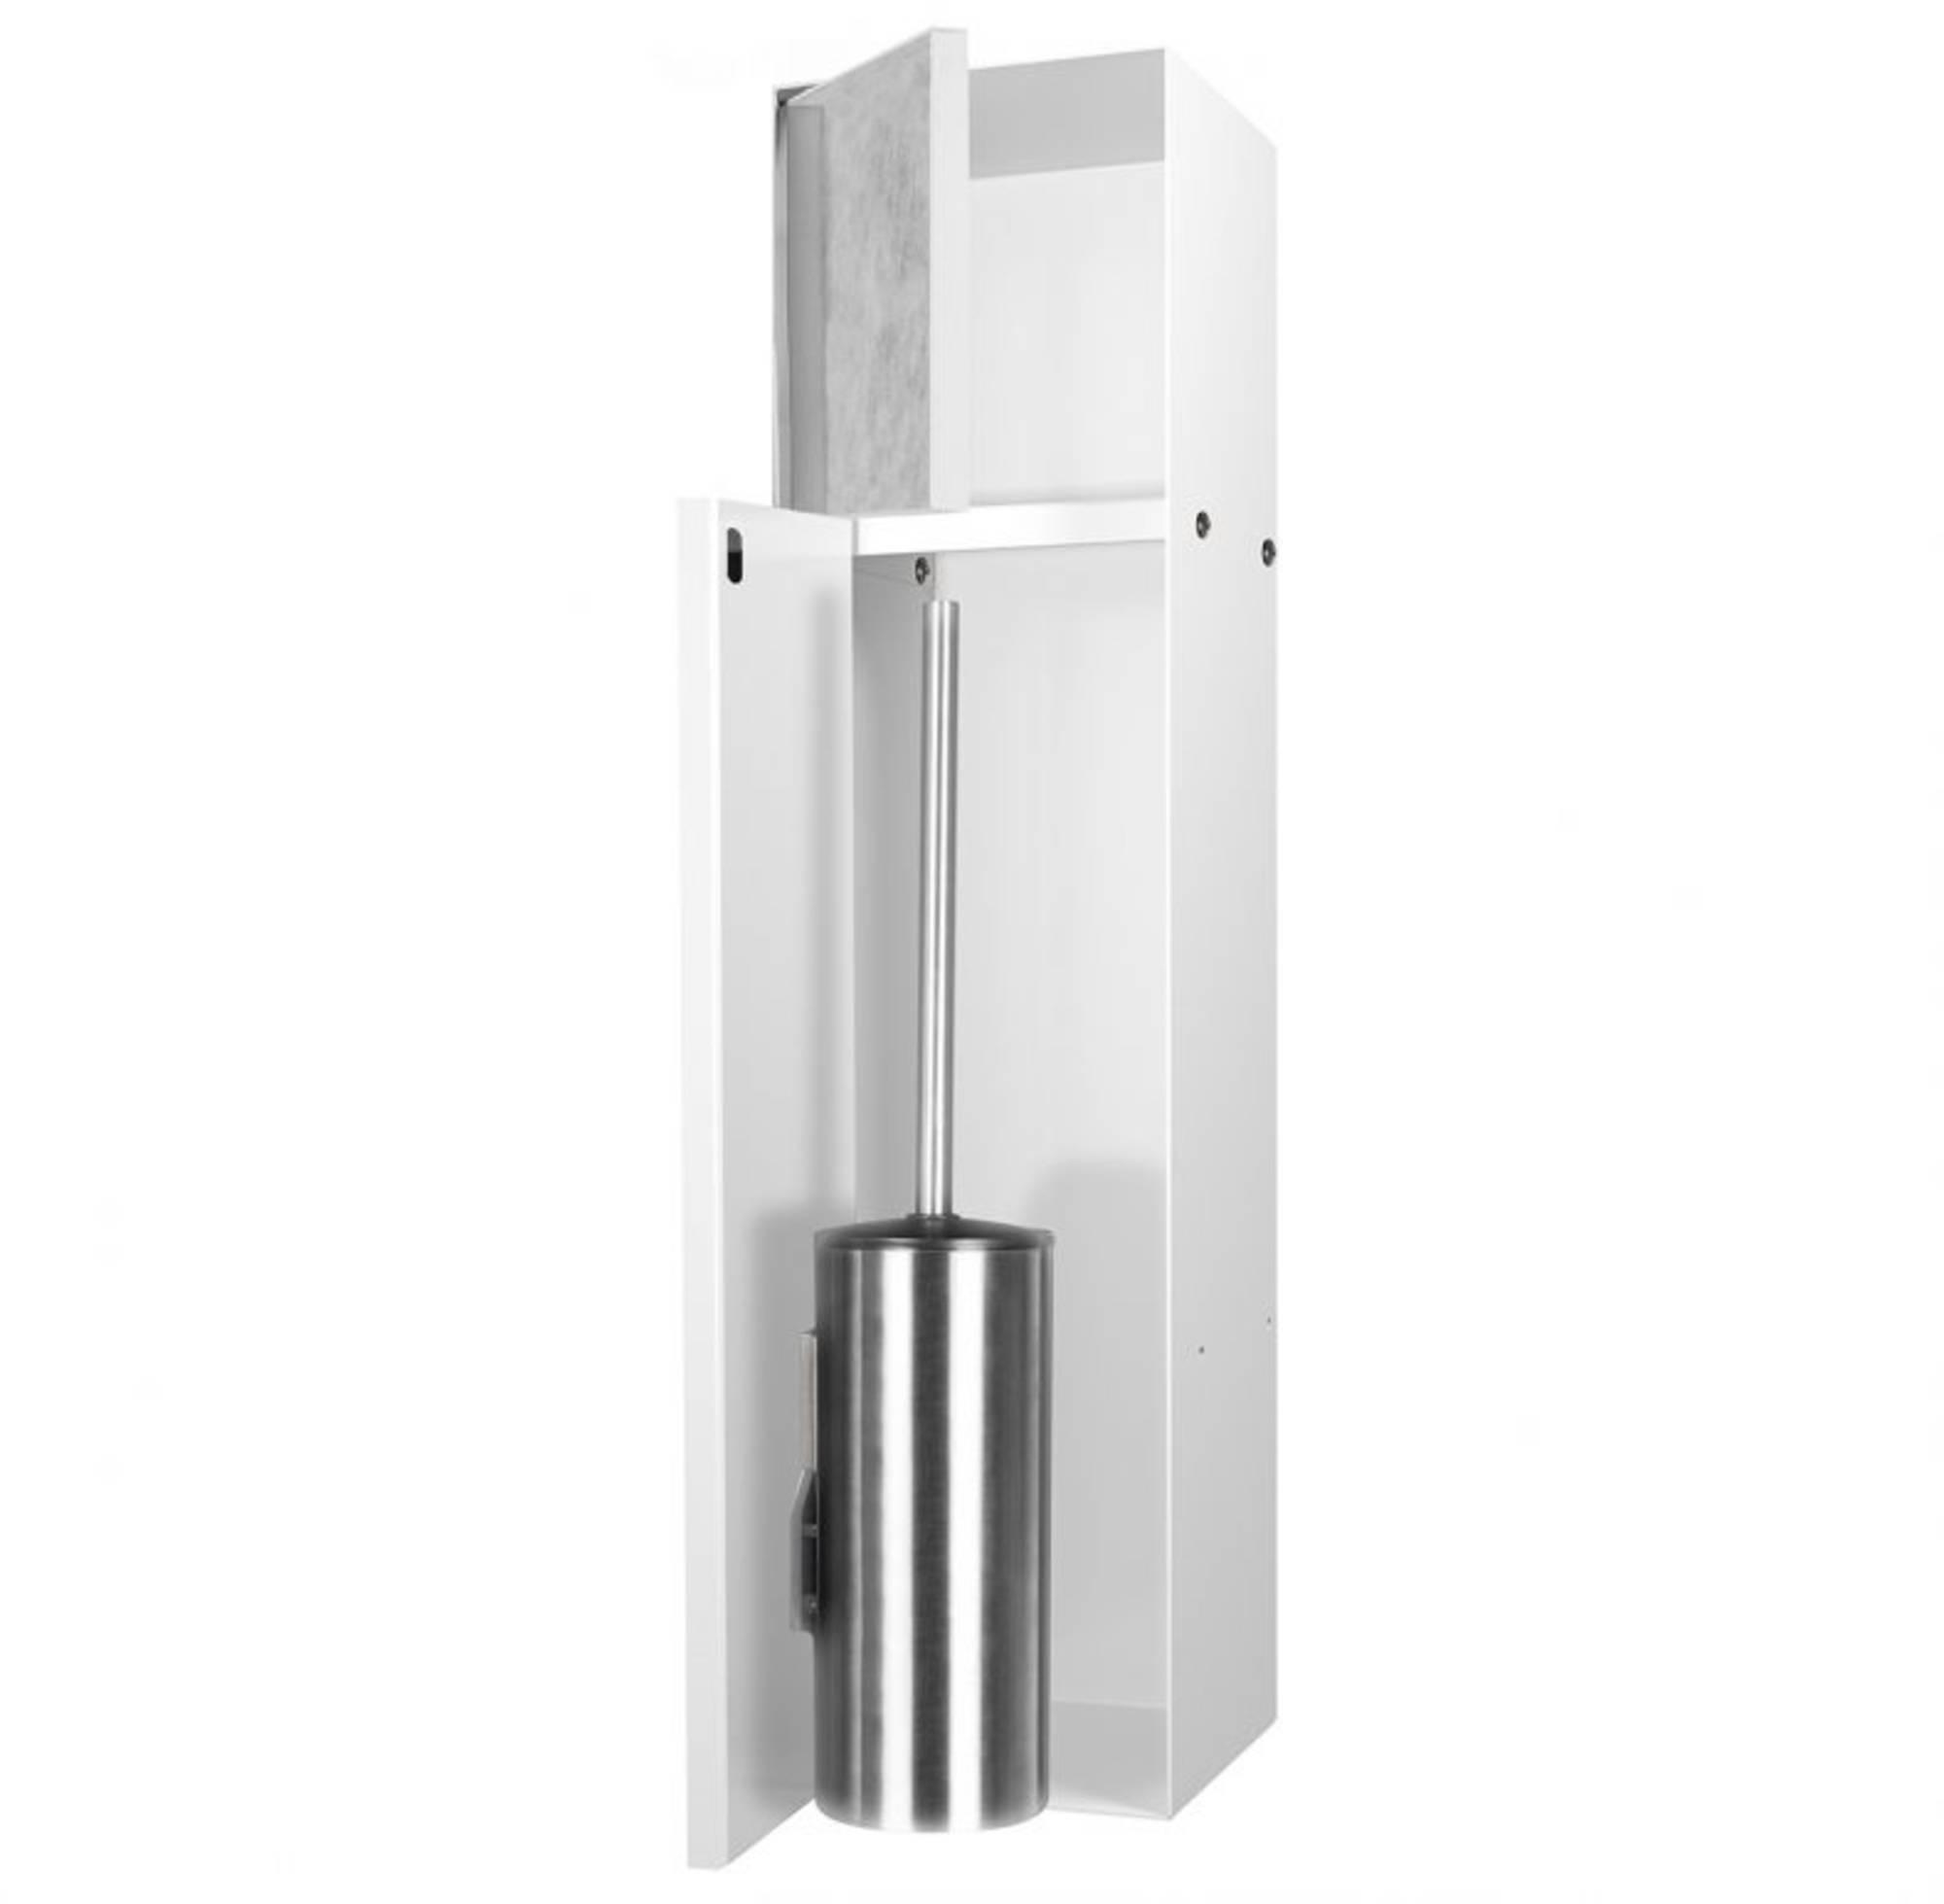 Looox CL10 Toiletborstelhouder inbouw betegelbaar inclusief opbergvak 2 deurs 14,5x14x61 cm Wit